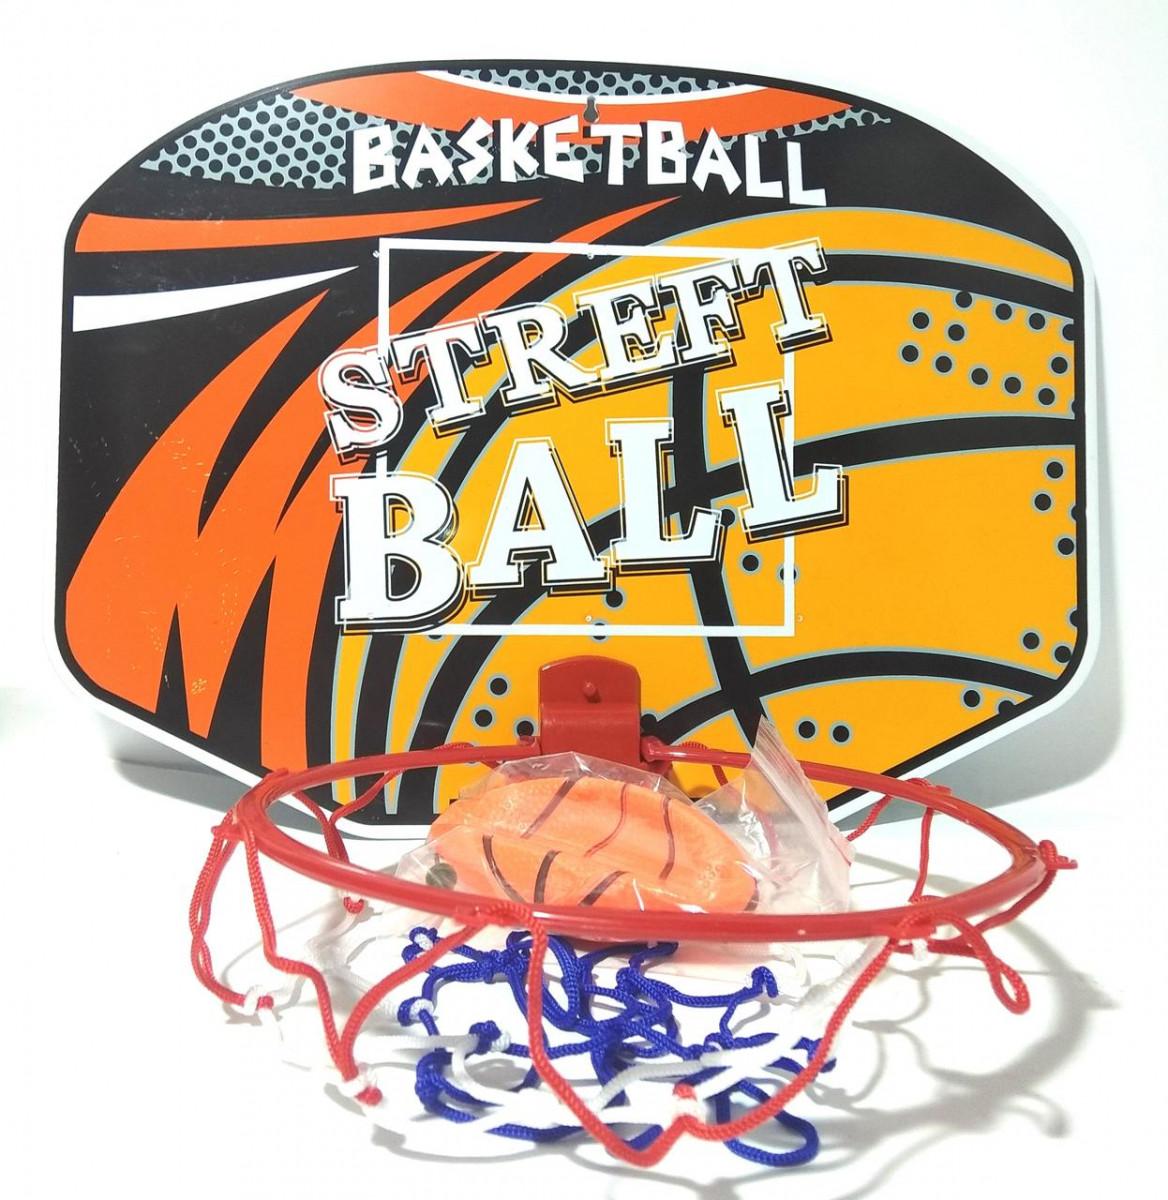 Баскетбольное кольцо M 5436 (144шт) щит, кольцо 21см, сетка, мяч 11см,игла в сетке,40-30-2см